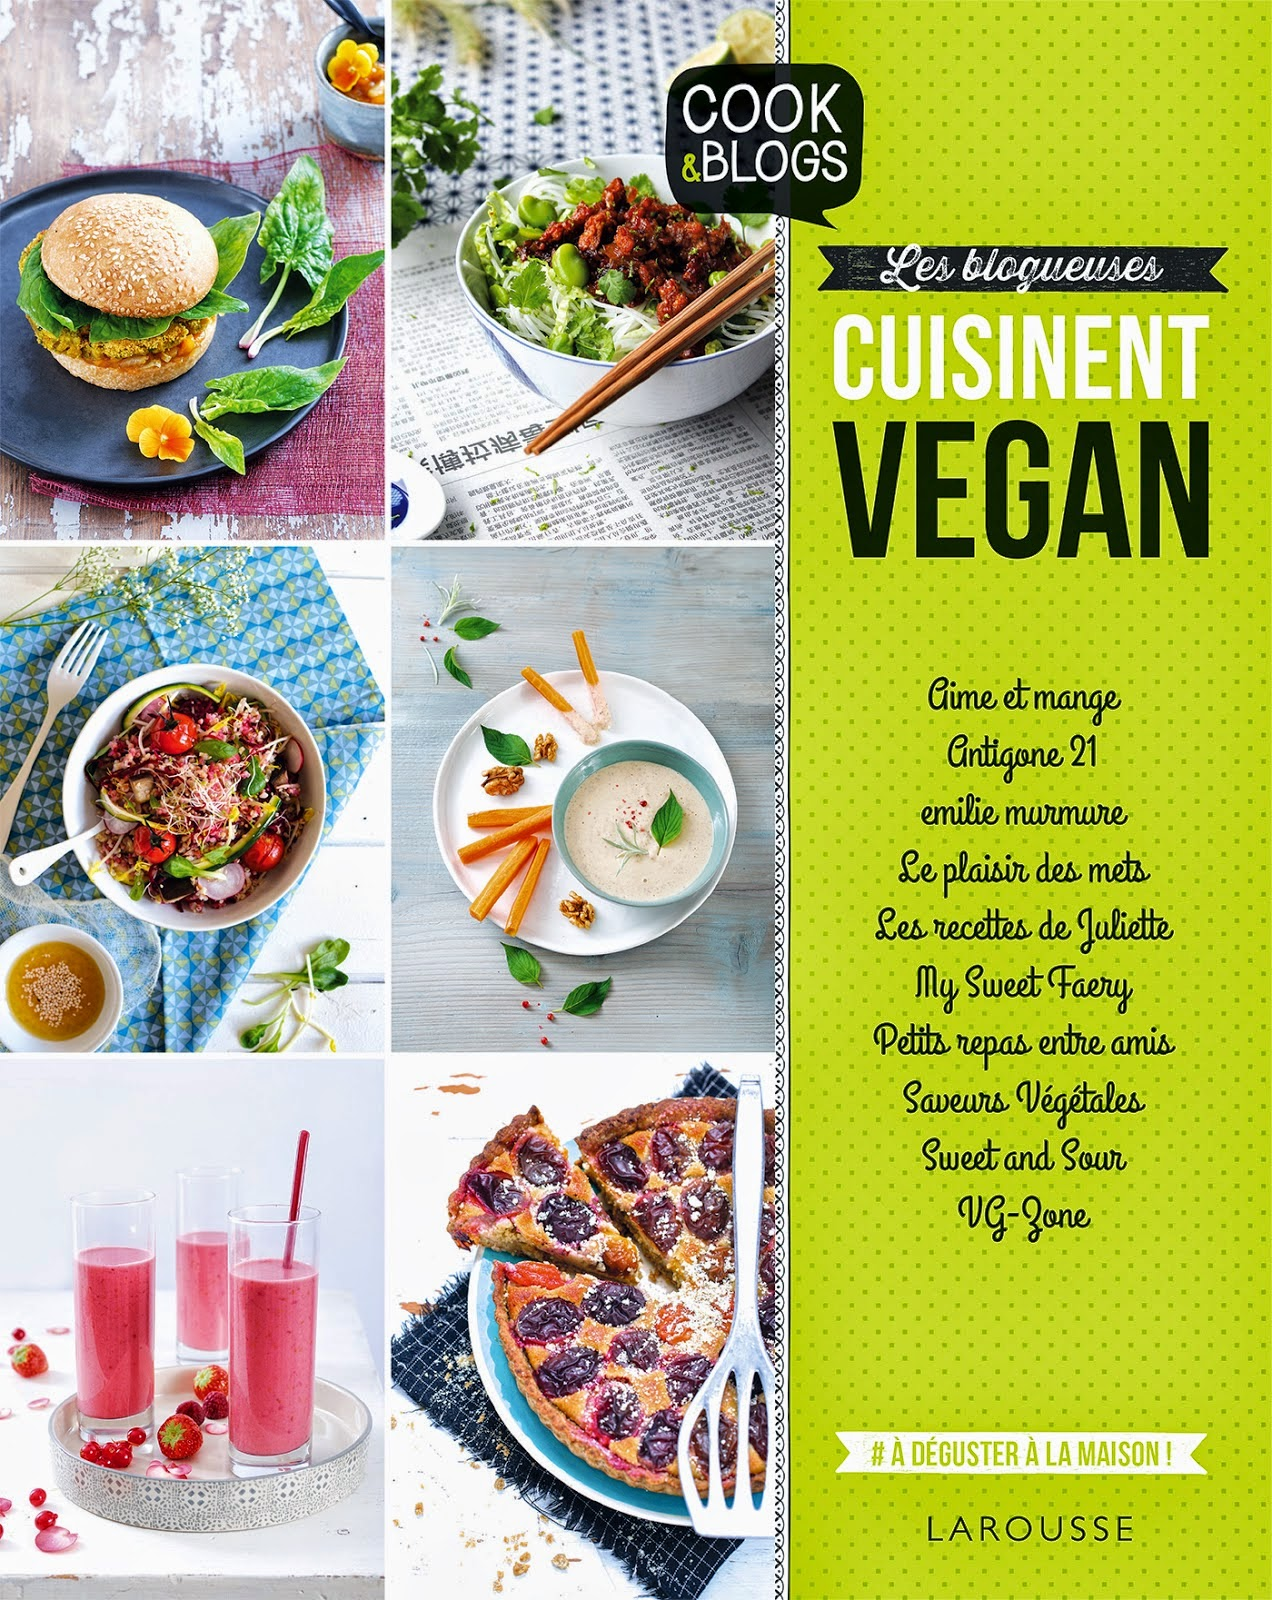 Les blogueuses cuisinent vegan